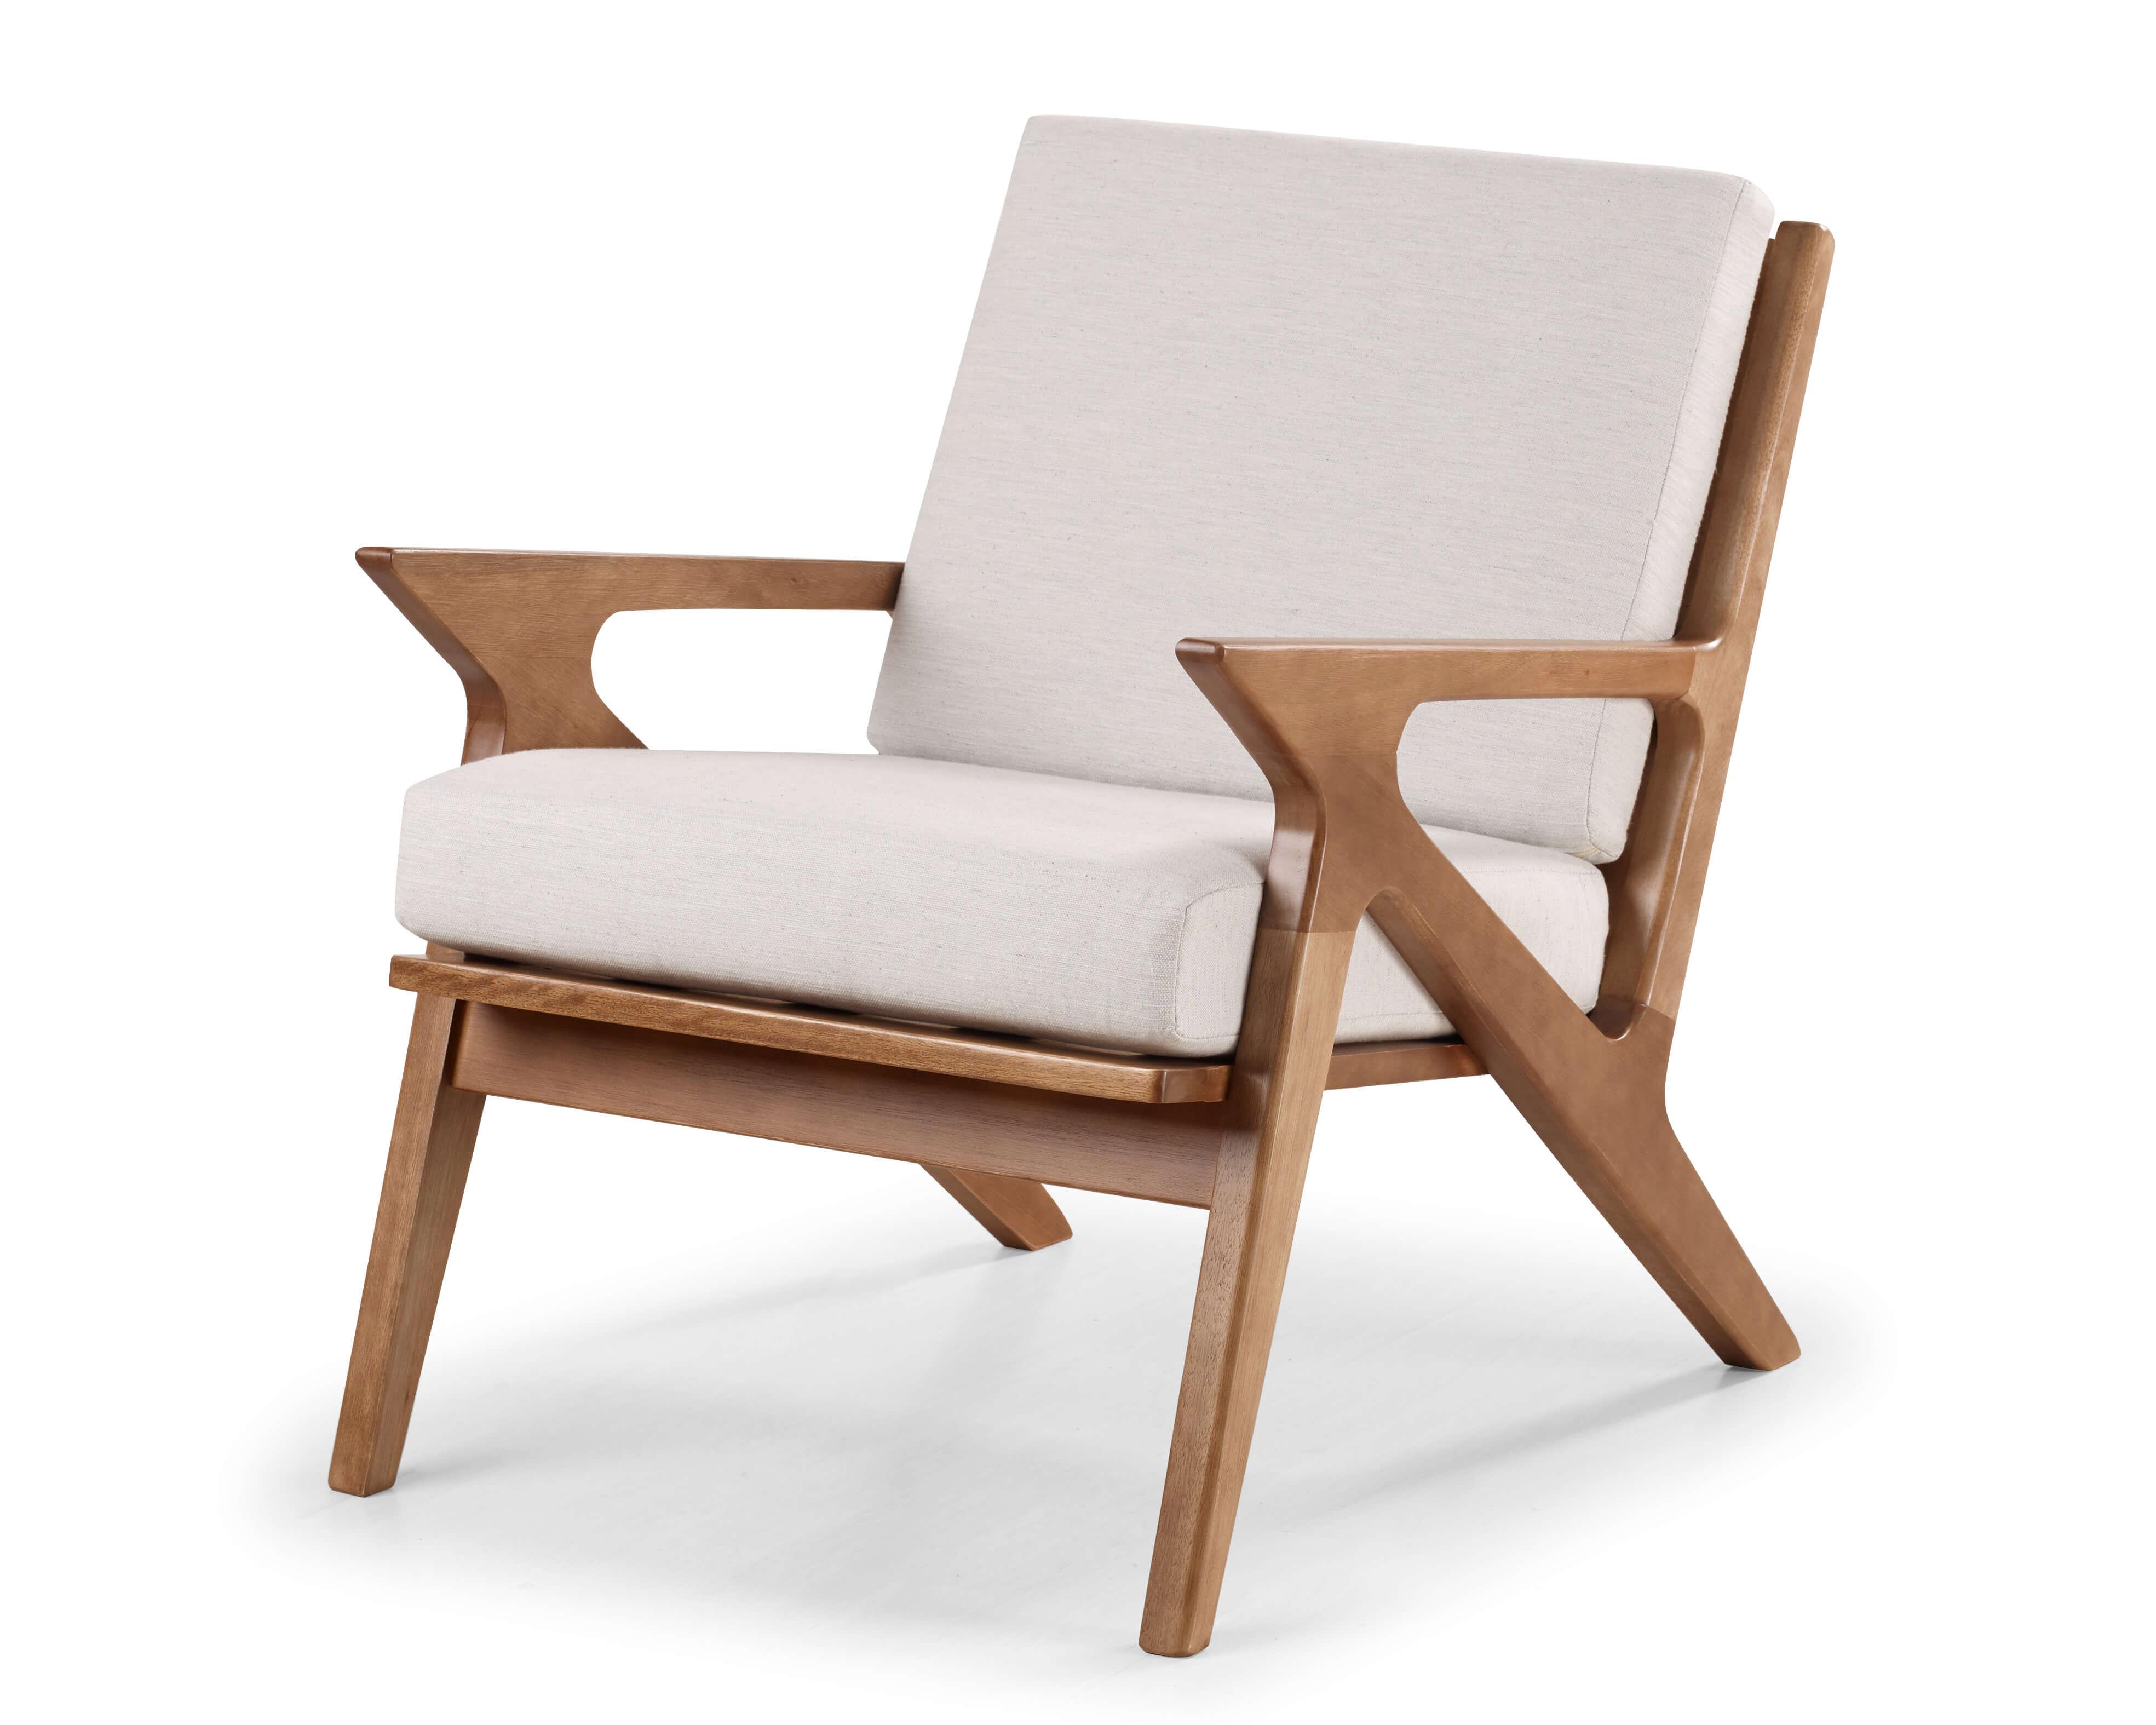 cadeira oslo (4)